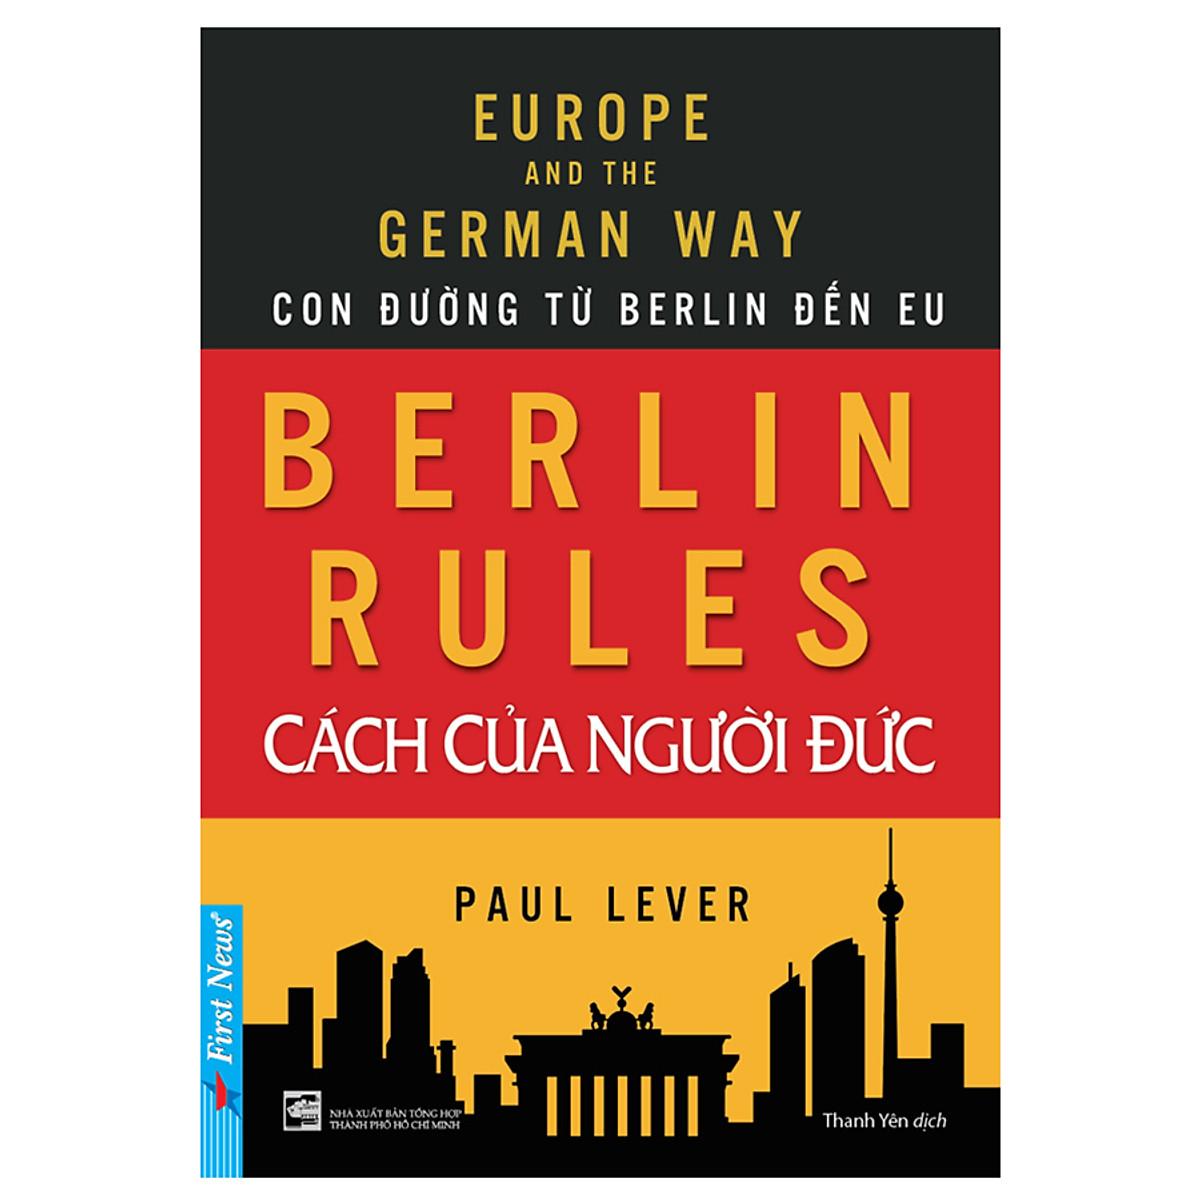 Combo 2 cuốn sách: Berlin Rules - Cách Của Người Đức + 21 Nguyên Tắc Vàng Của Nghệ Thuật Lãnh Đạo